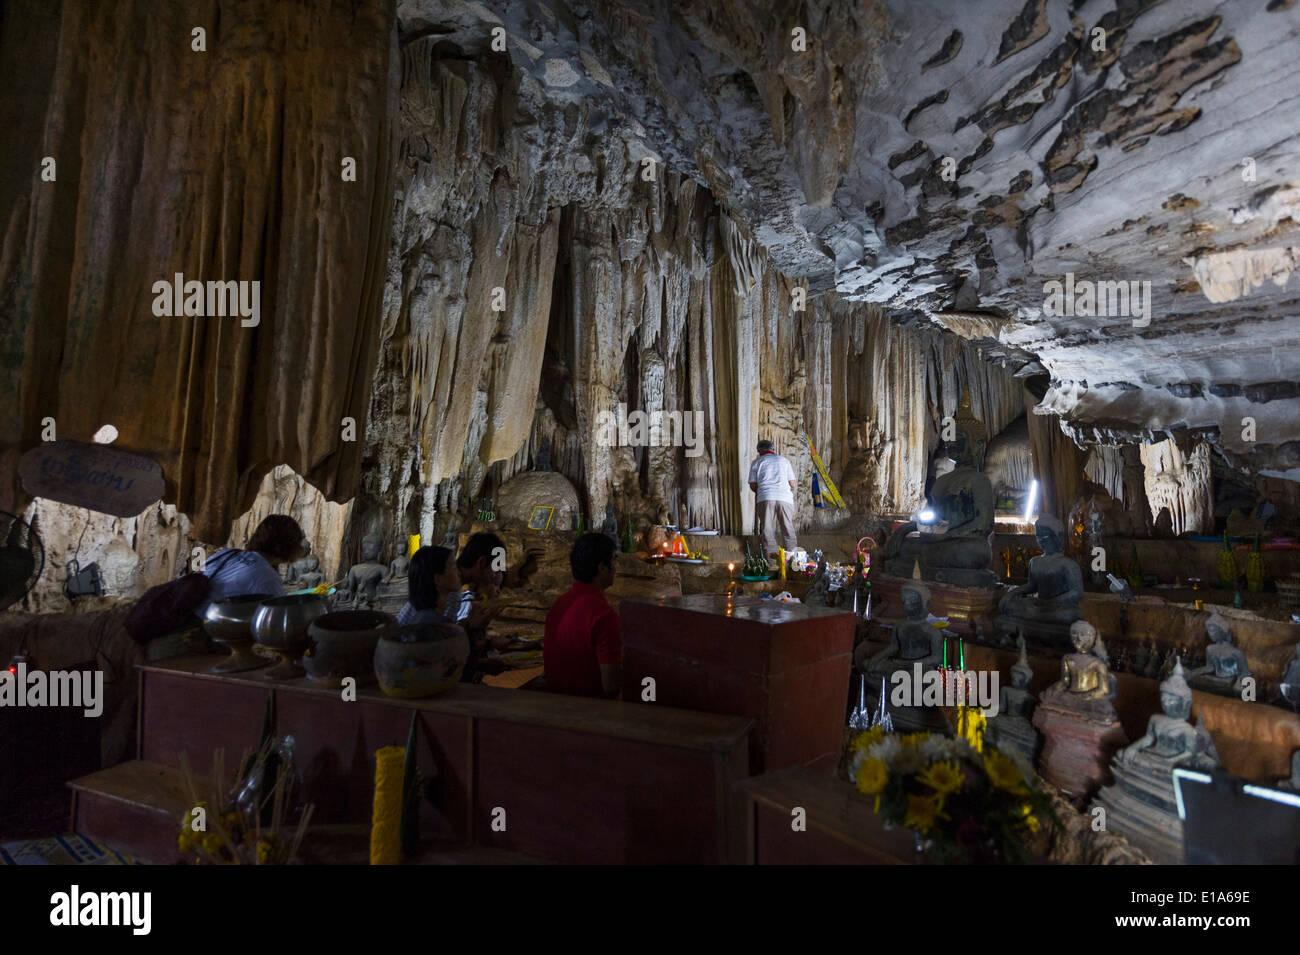 Tham Pa Fa Buddha Cave, Ban Na Ka Sarng village, near Tha Kaek, Laos. - Stock Image